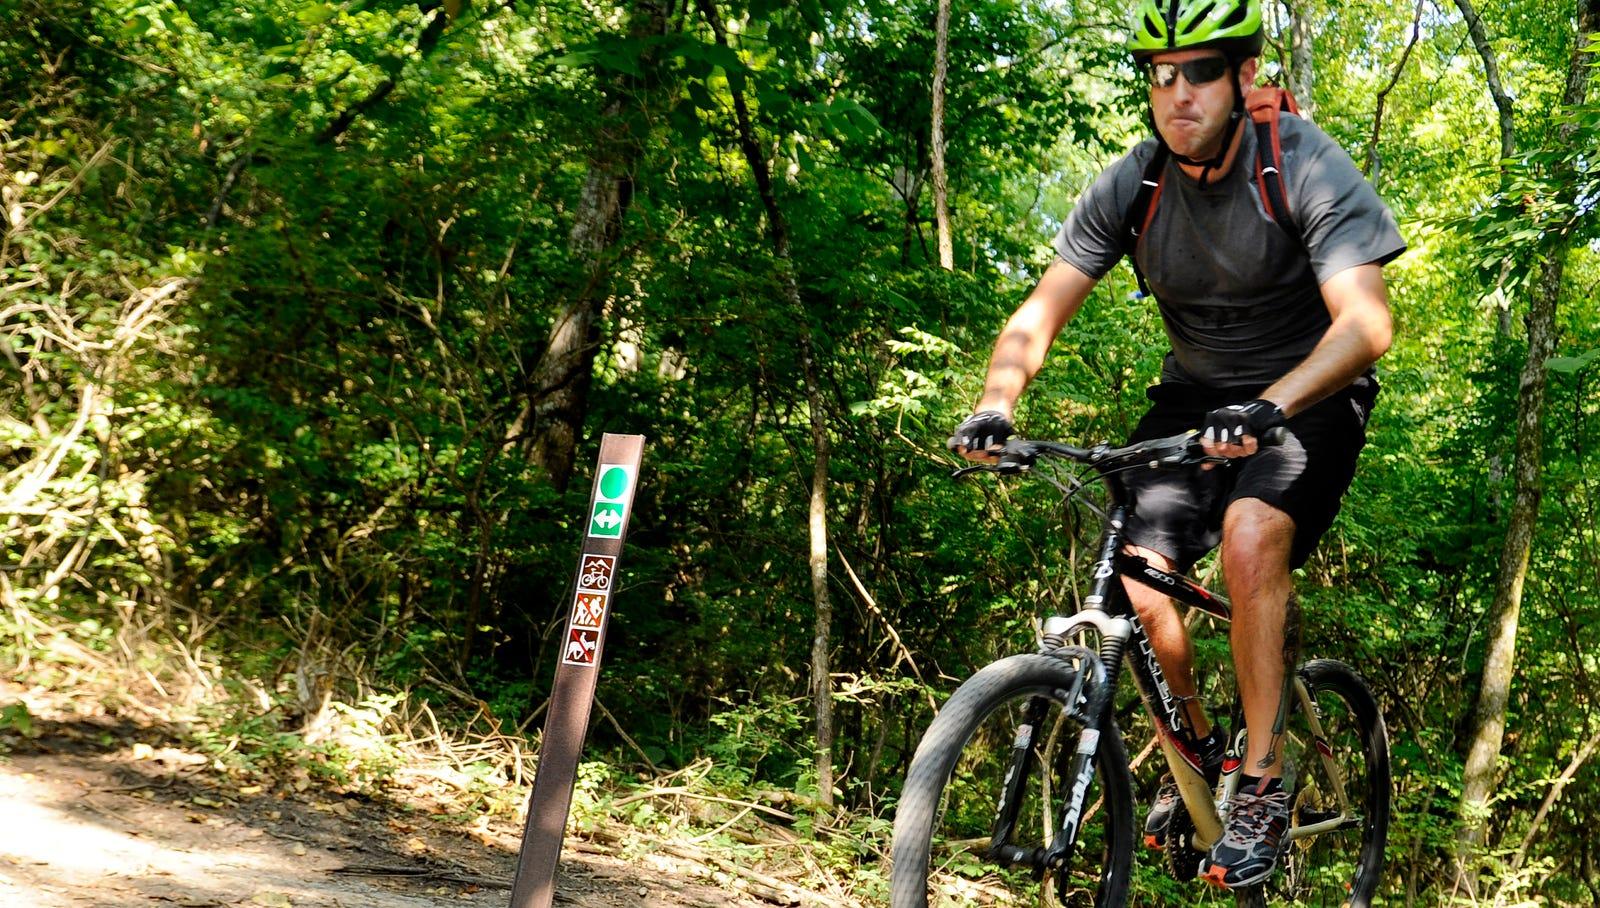 Nashville Gets Holy Grail Of Bike Trails